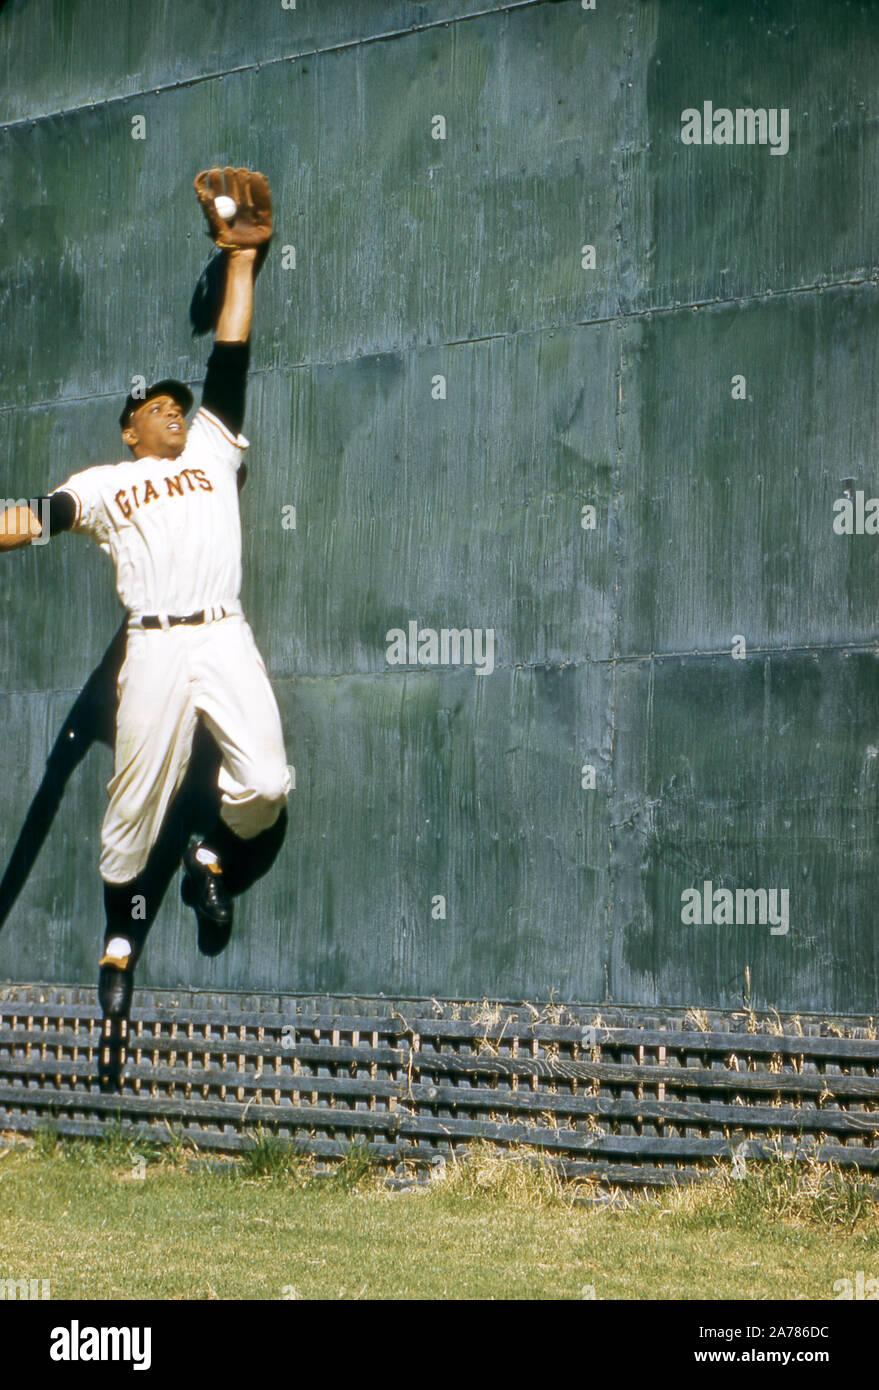 NEW YORK, NY - 1957: Willie Mays #24 de los Gigantes de Nueva York hace un cerrojo en la pared durante los warm-ups ante un juego MLB circa 1957 en el Polo Grounds en Nueva York, Nueva York. (Foto por Hy Peskin) *** Local Caption *** Willie Mays Foto de stock